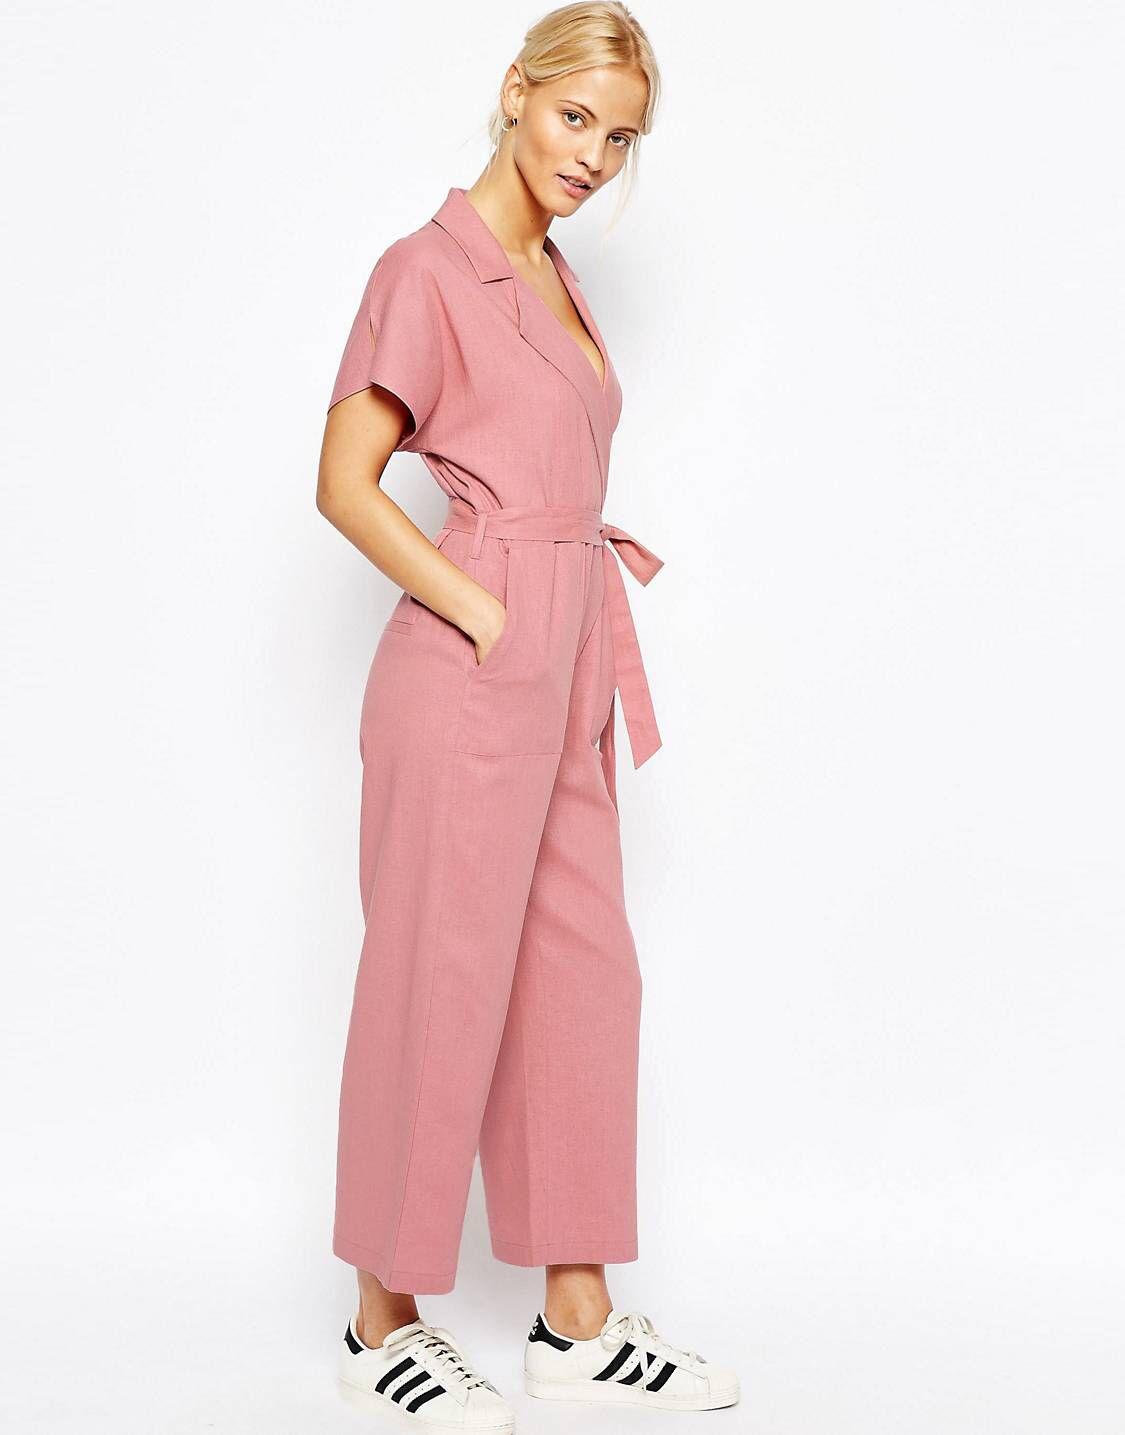 744e00d583d3 Pink linen wrap jumpsuit from Asos!  pink  jumsuit  asos